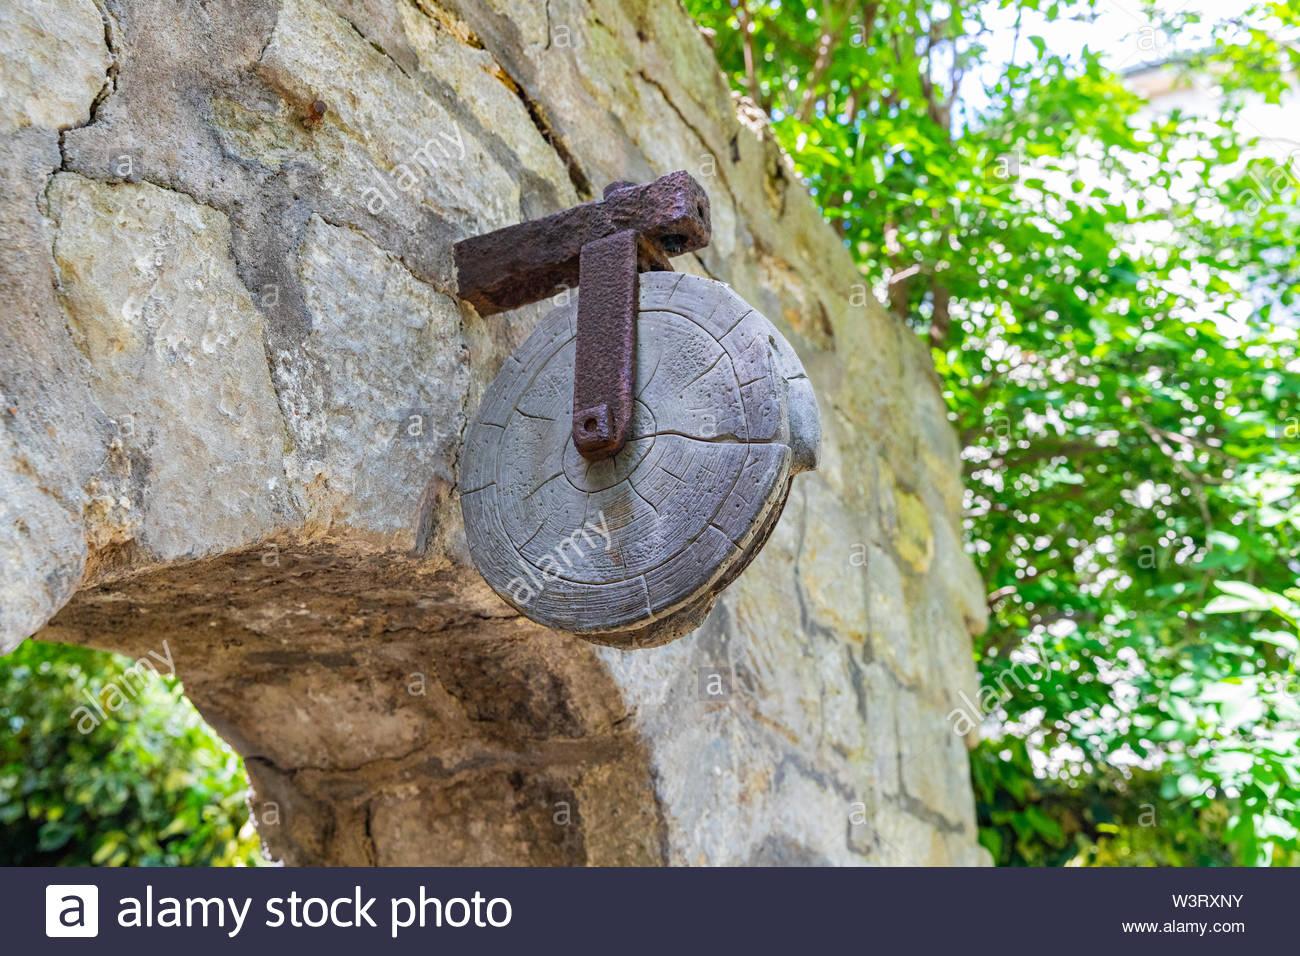 paris frankreich glise saint julien le pauvre kirche garten gut rad w3rxny